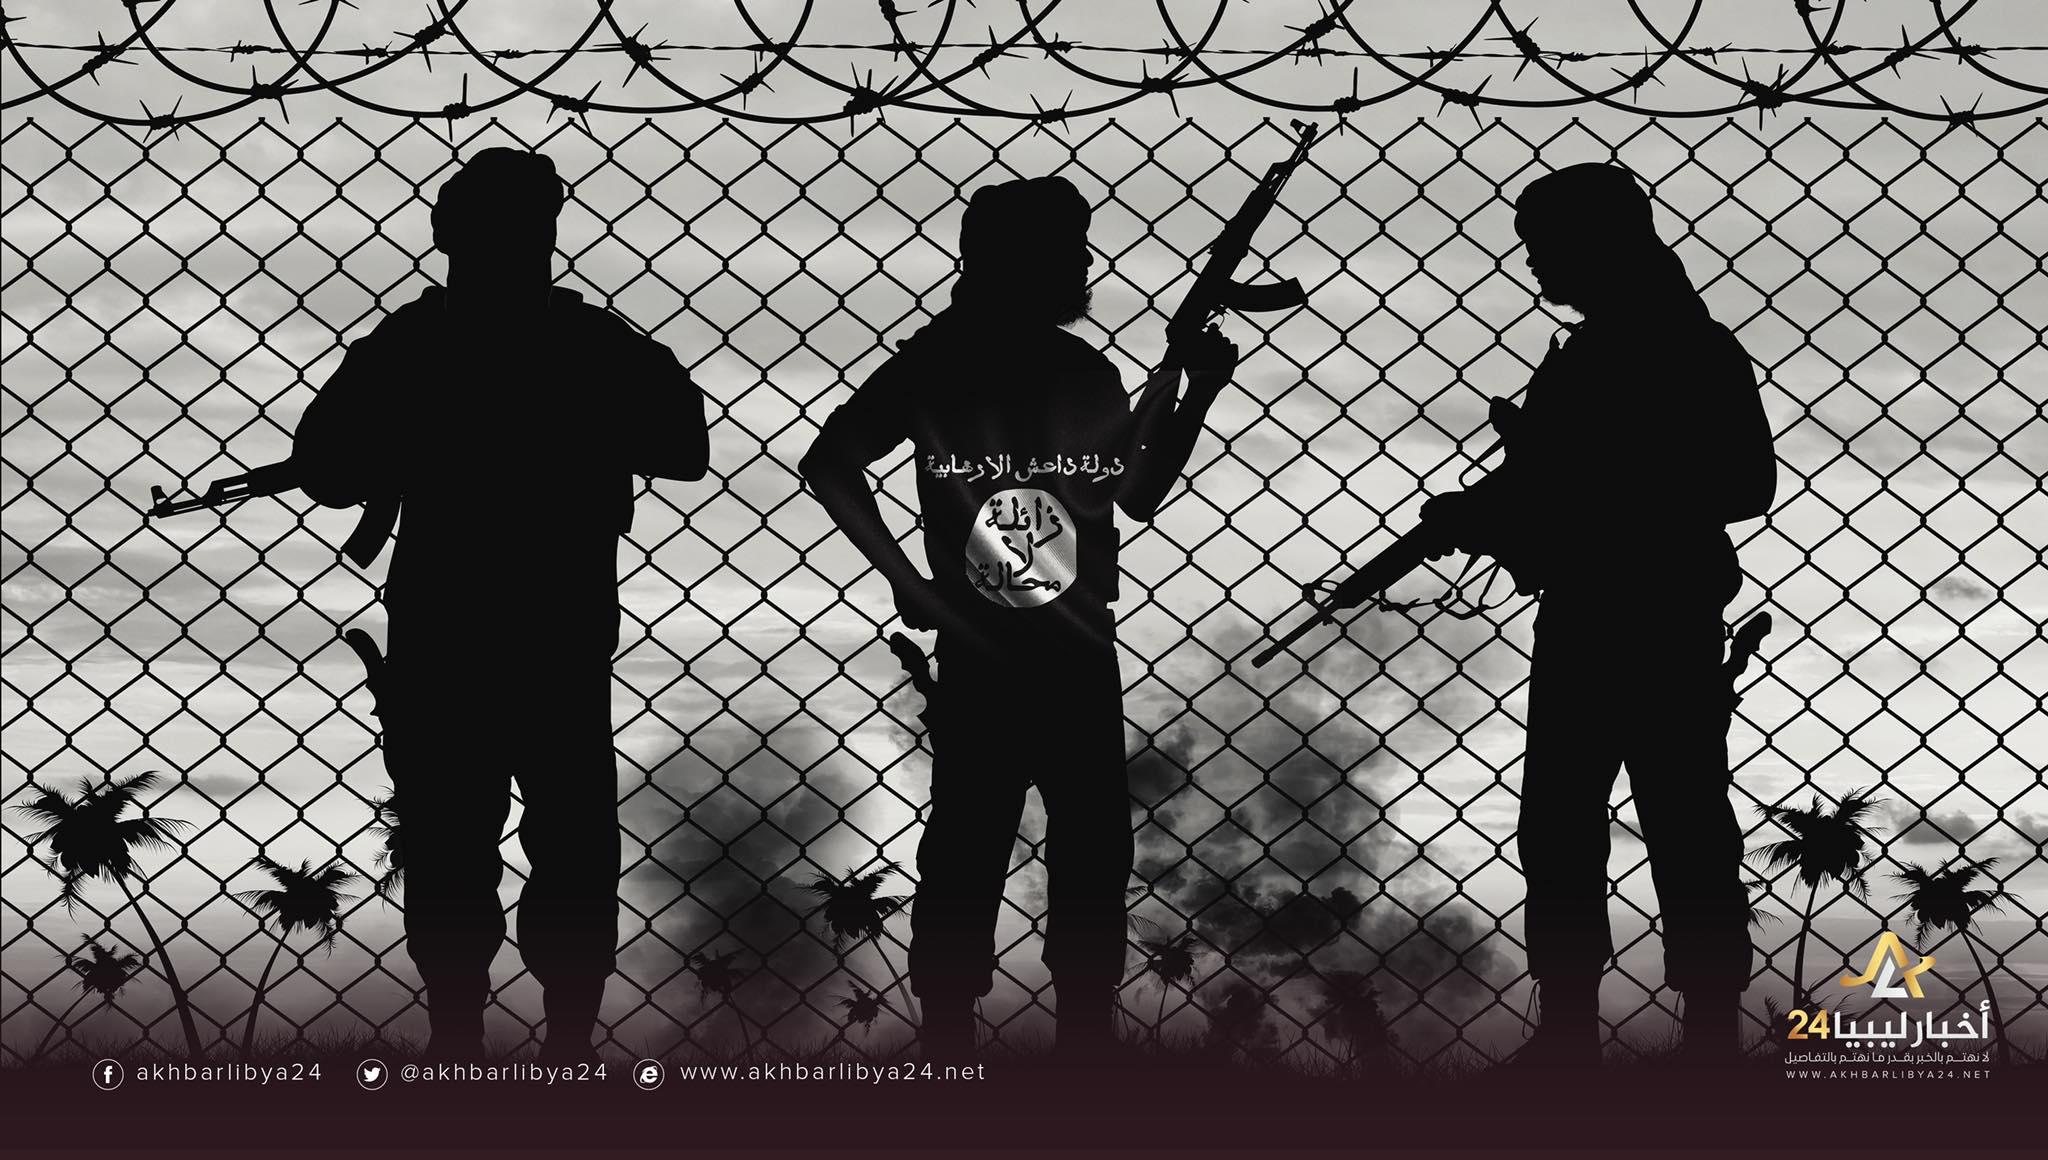 صورة طاقم طبي من طبرق يتعرض للسطو والاعتقال ببنغازي.. واقعة تؤكد أن الإجرام سمة حصرية للإرهاب